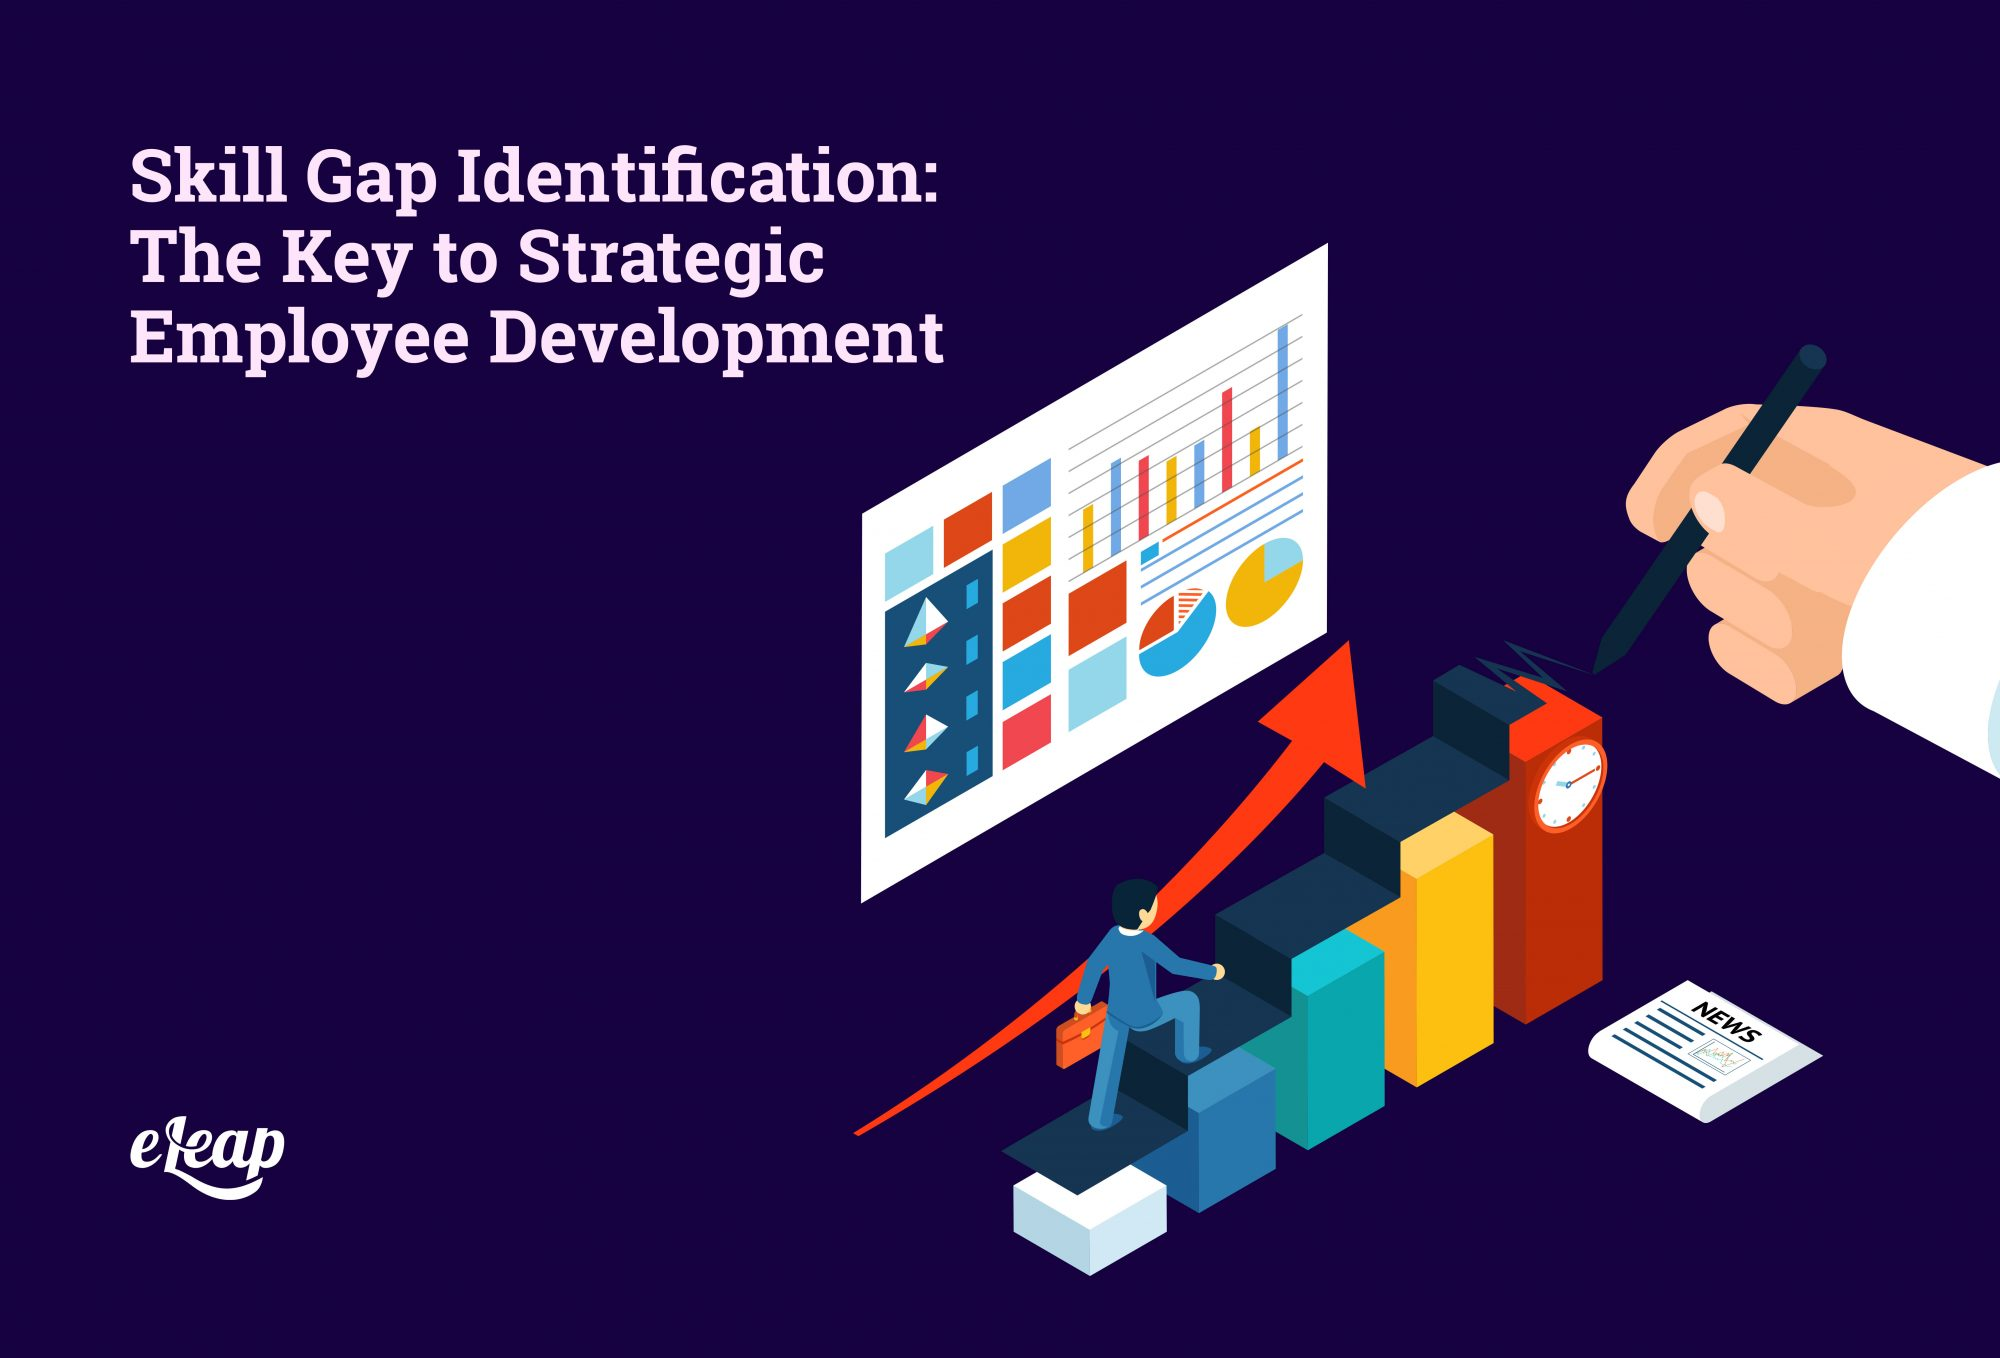 Skill Gap Identification: The Key to Strategic Employee Development